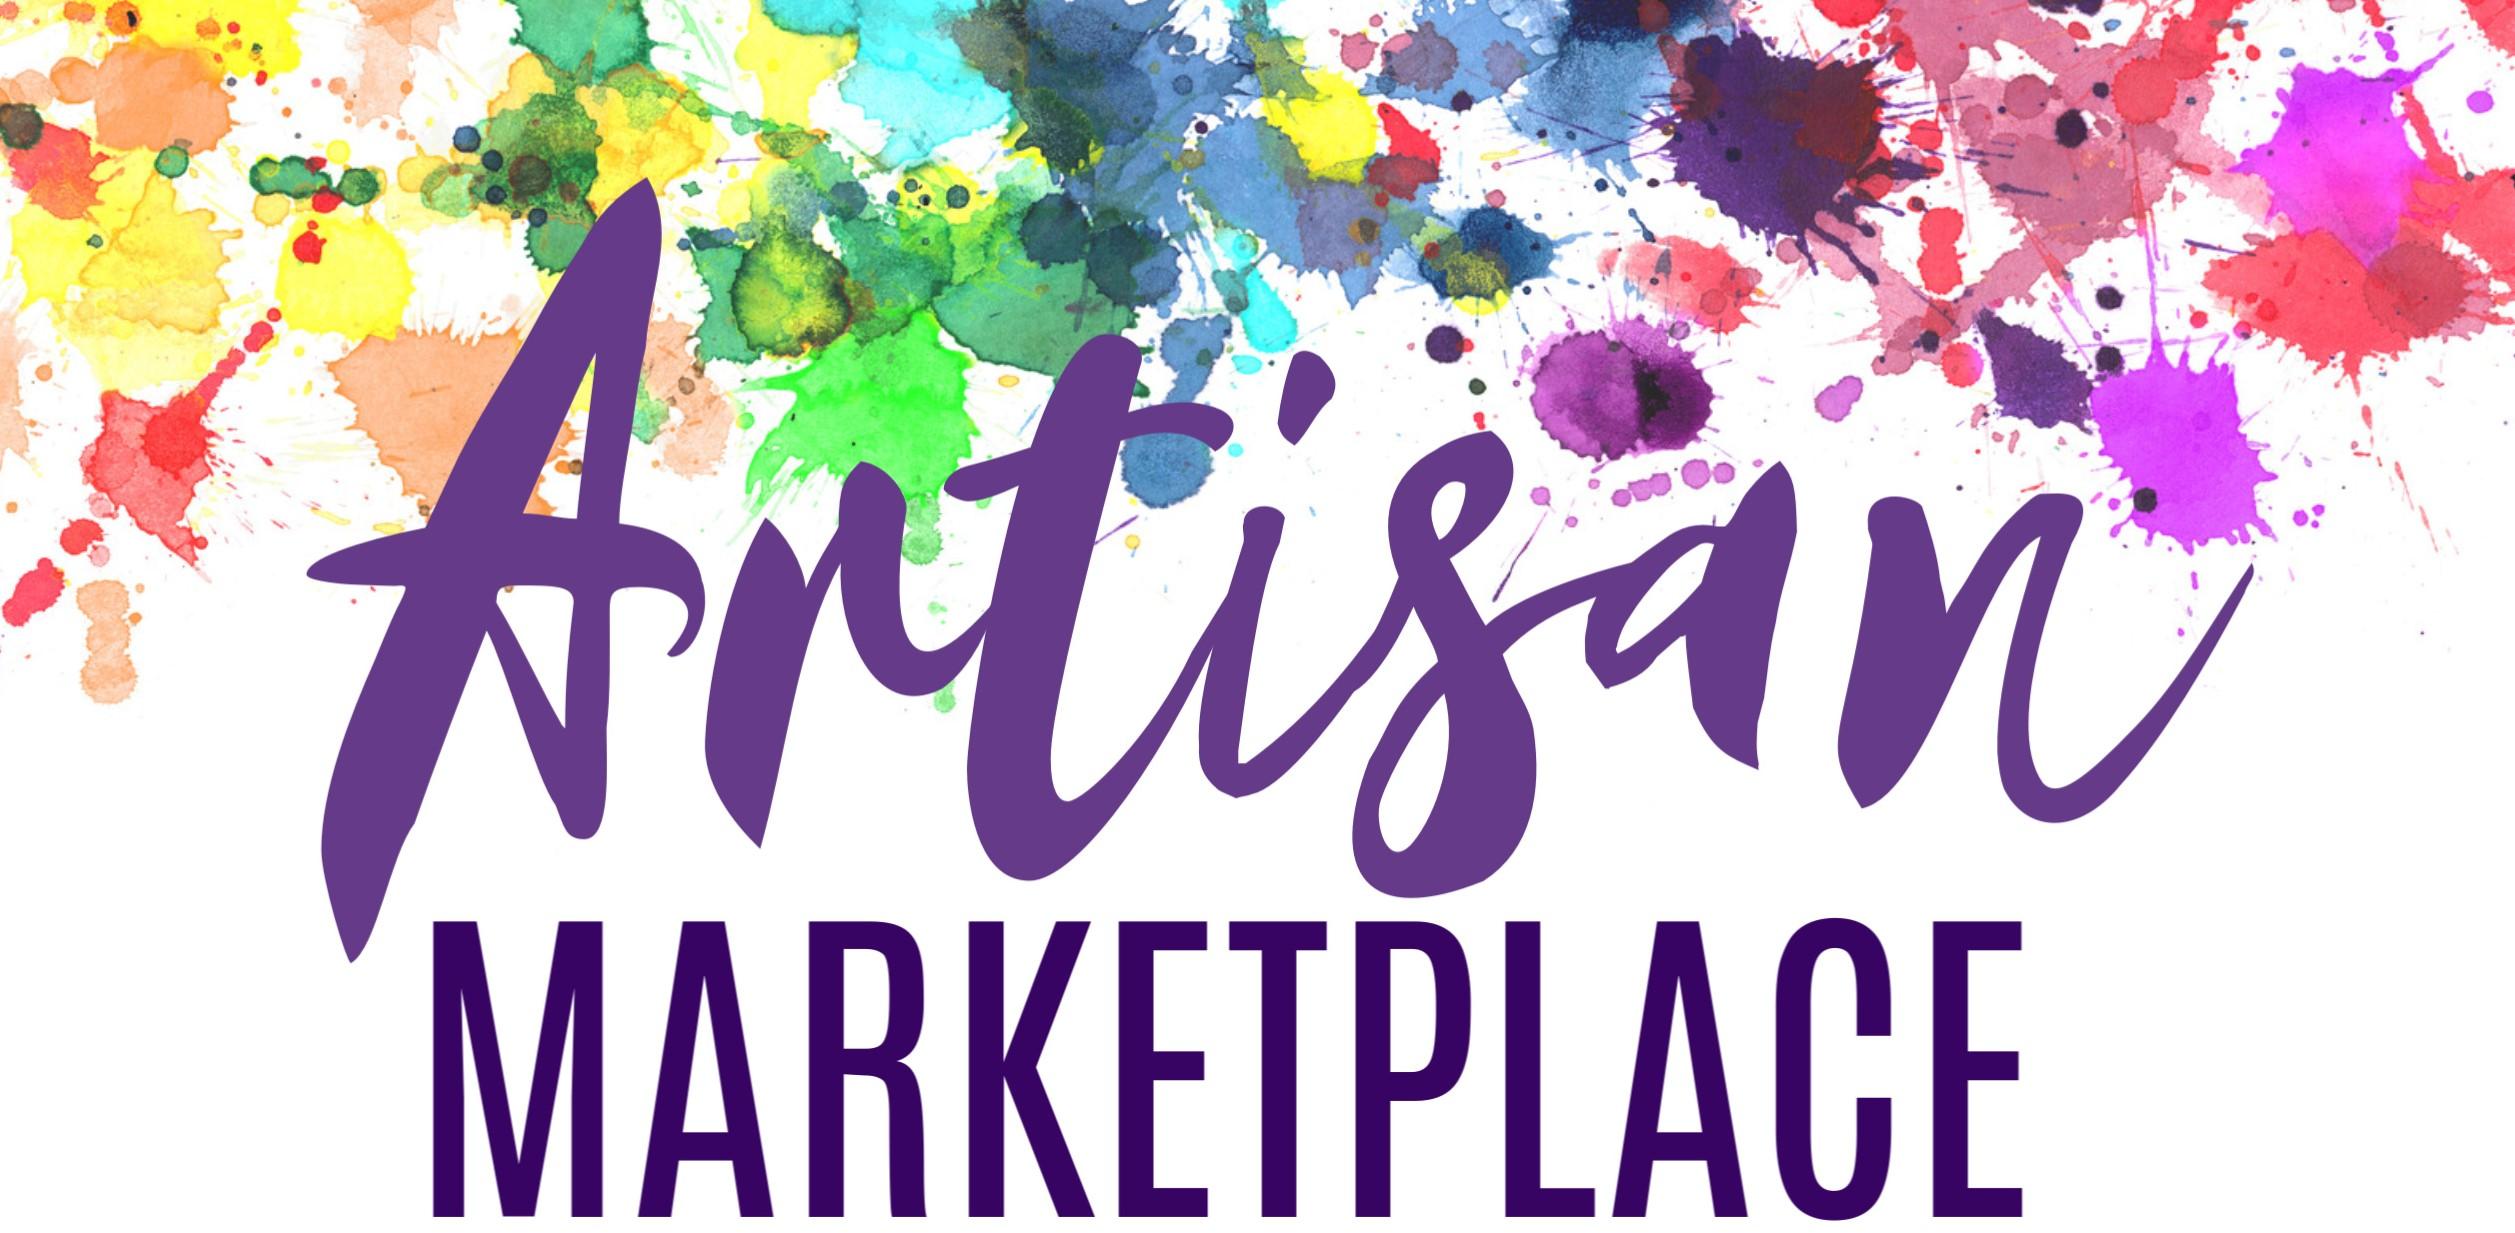 Artisan Marketplace Poster